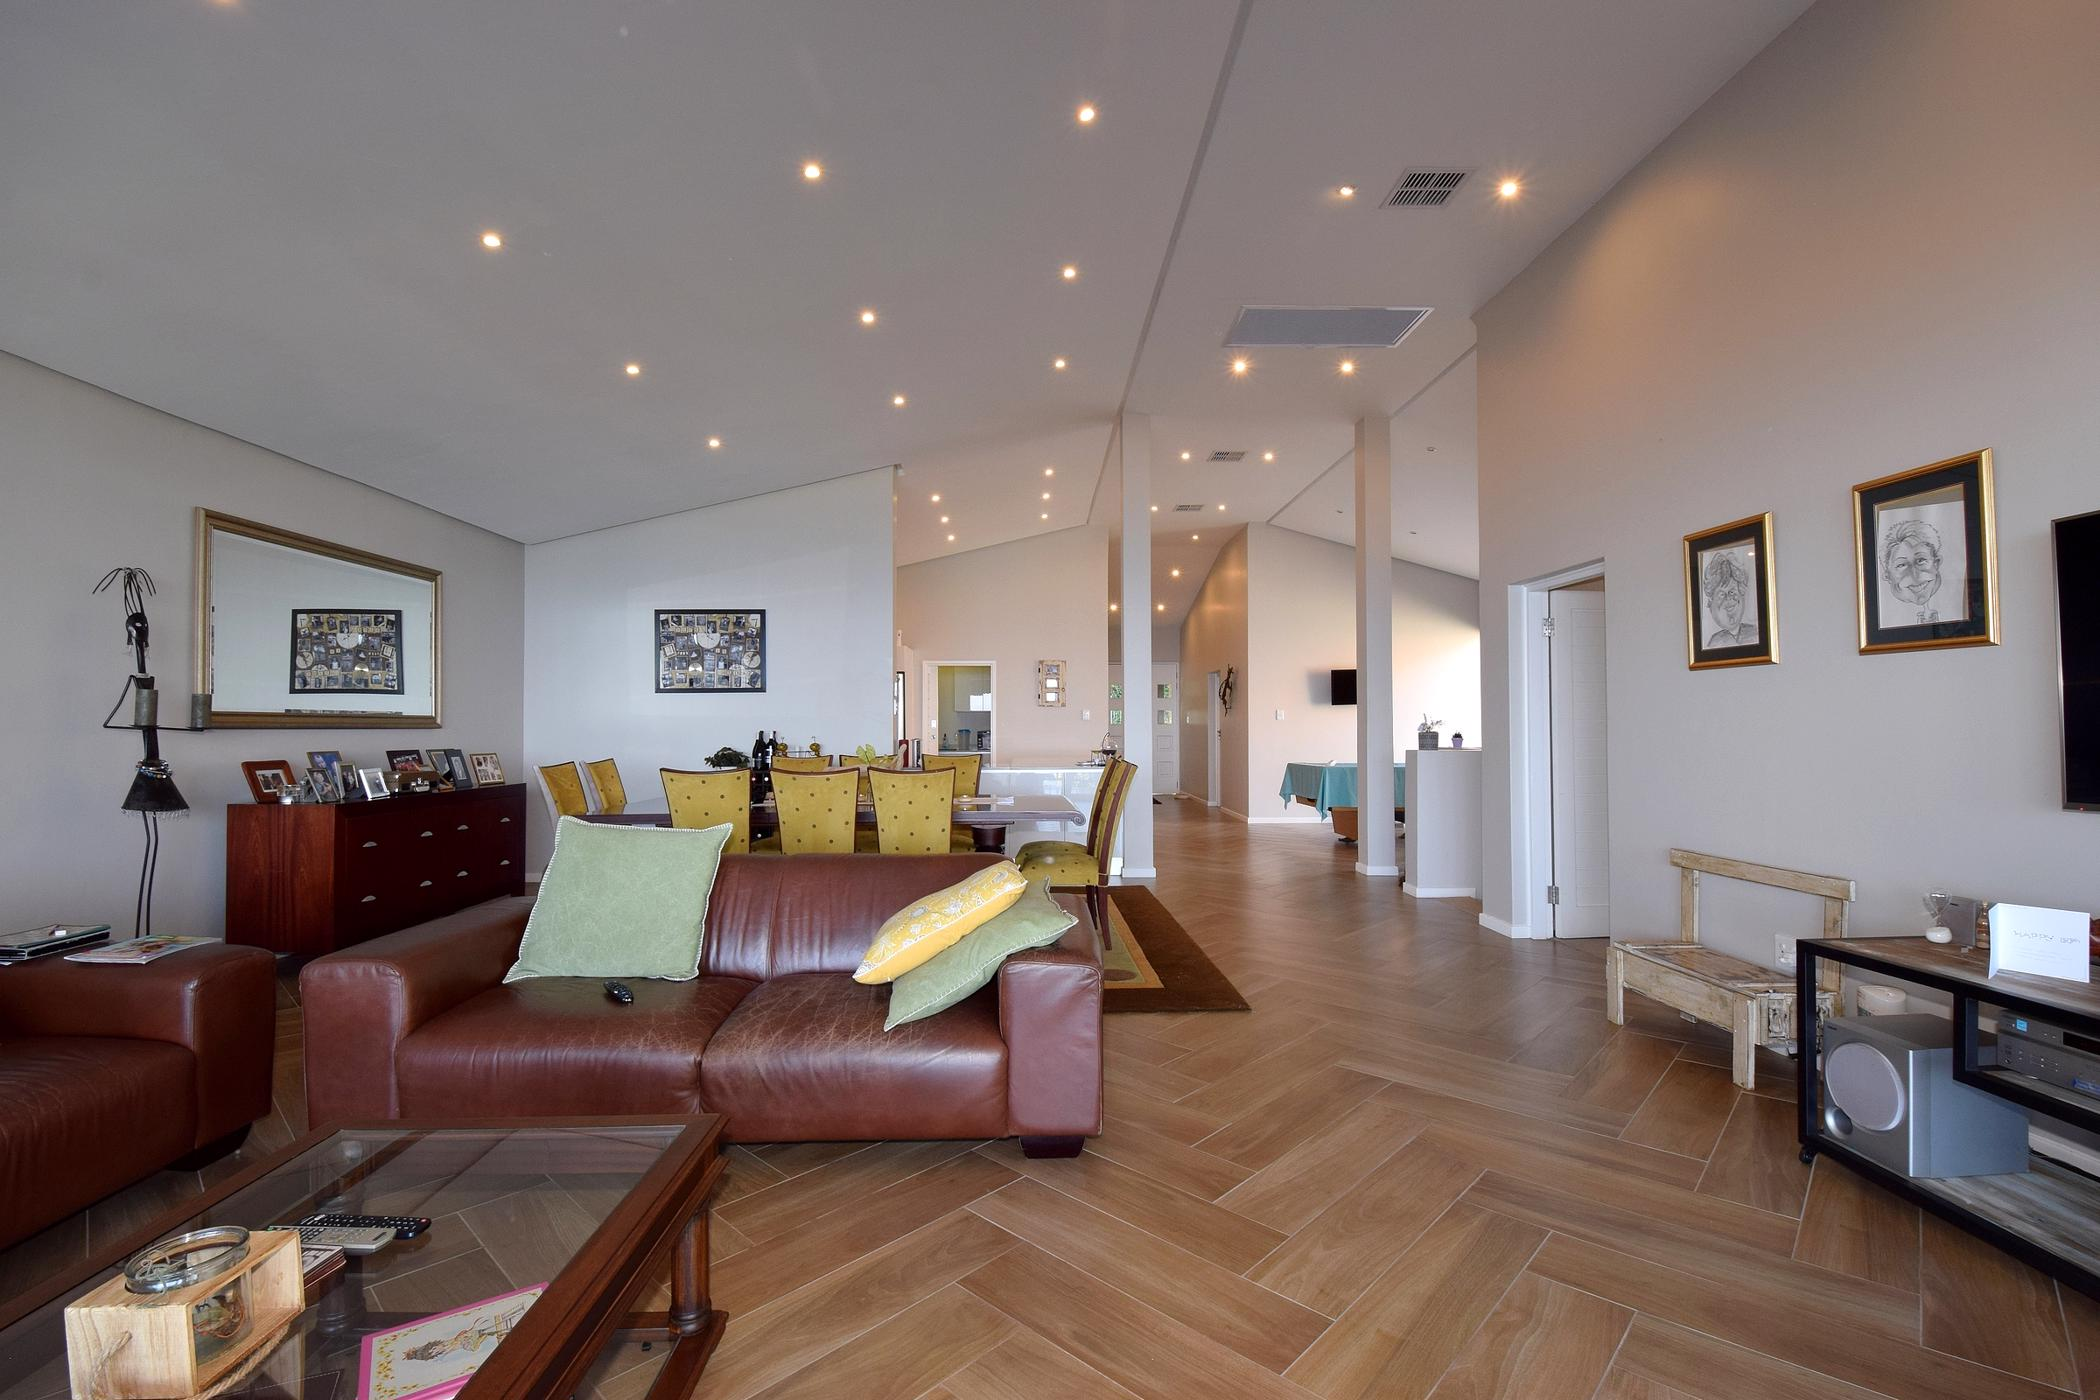 4 bedroom double-storey apartment for sale in Zimbali Coastal Resort